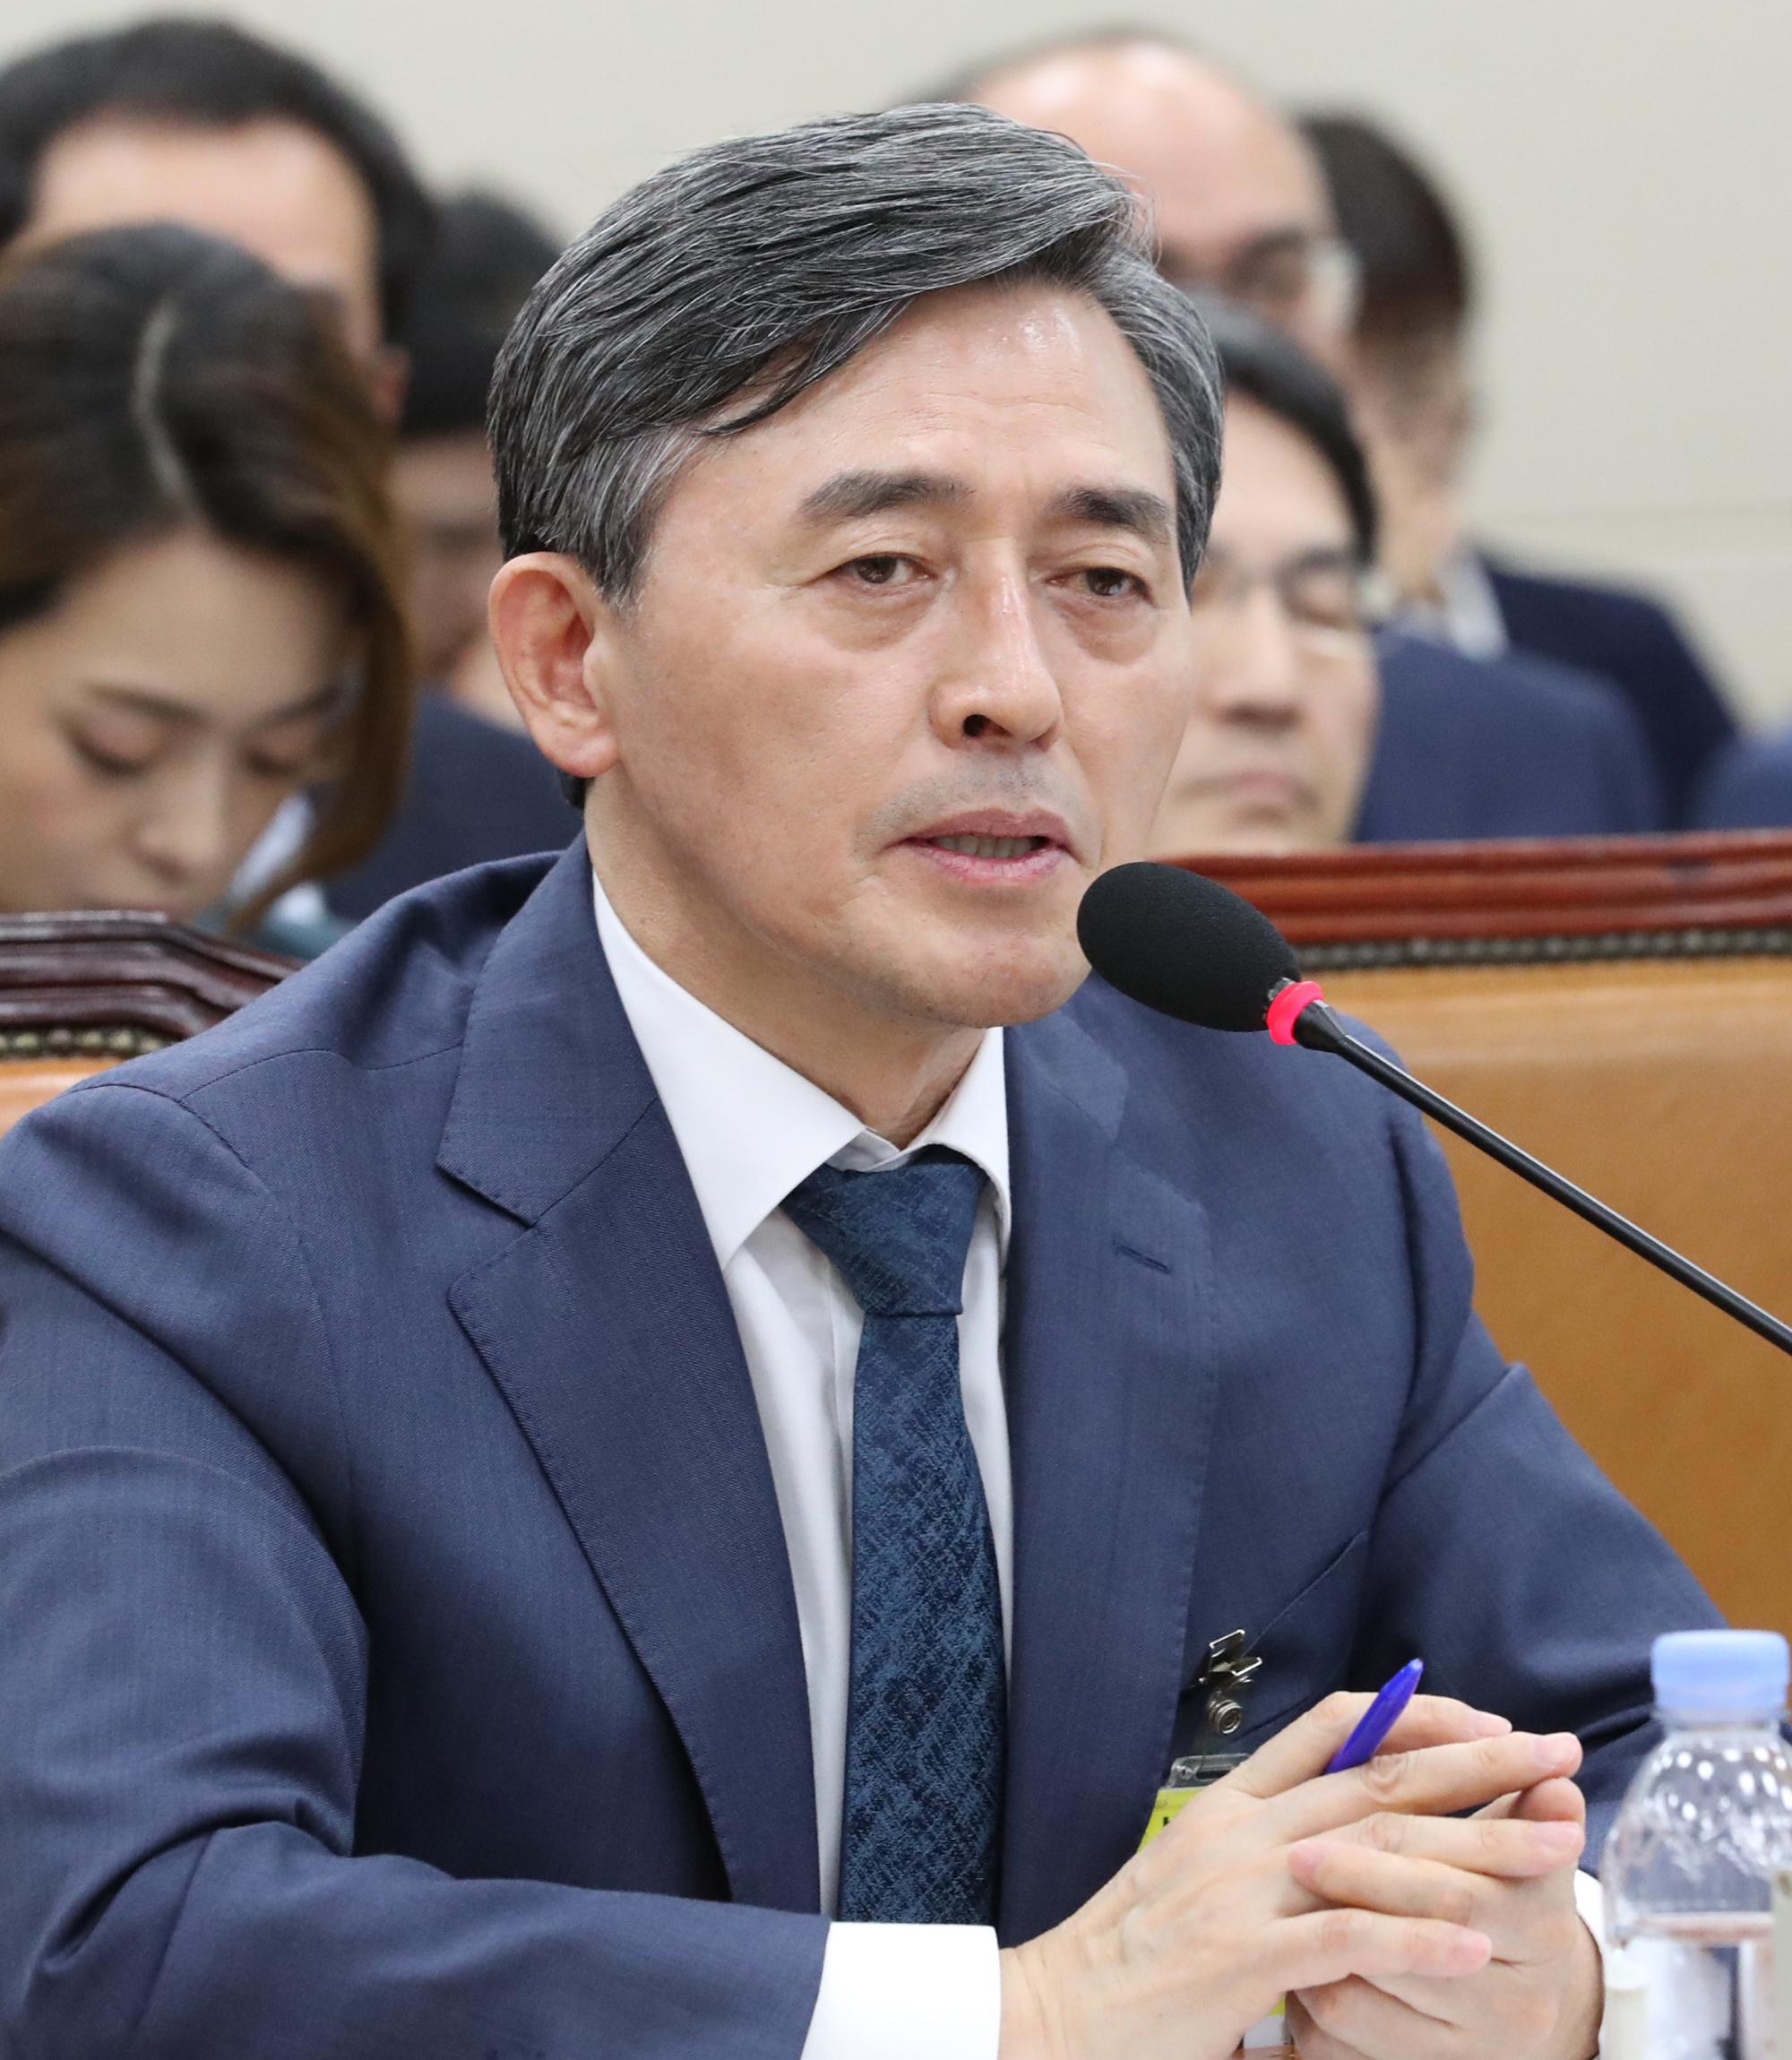 양승동 KBS 사장이 17일 오전 국회에서 열린 과방위 국정감사에 출석, 의원 질의에 답변하고 있다. [연합뉴스]